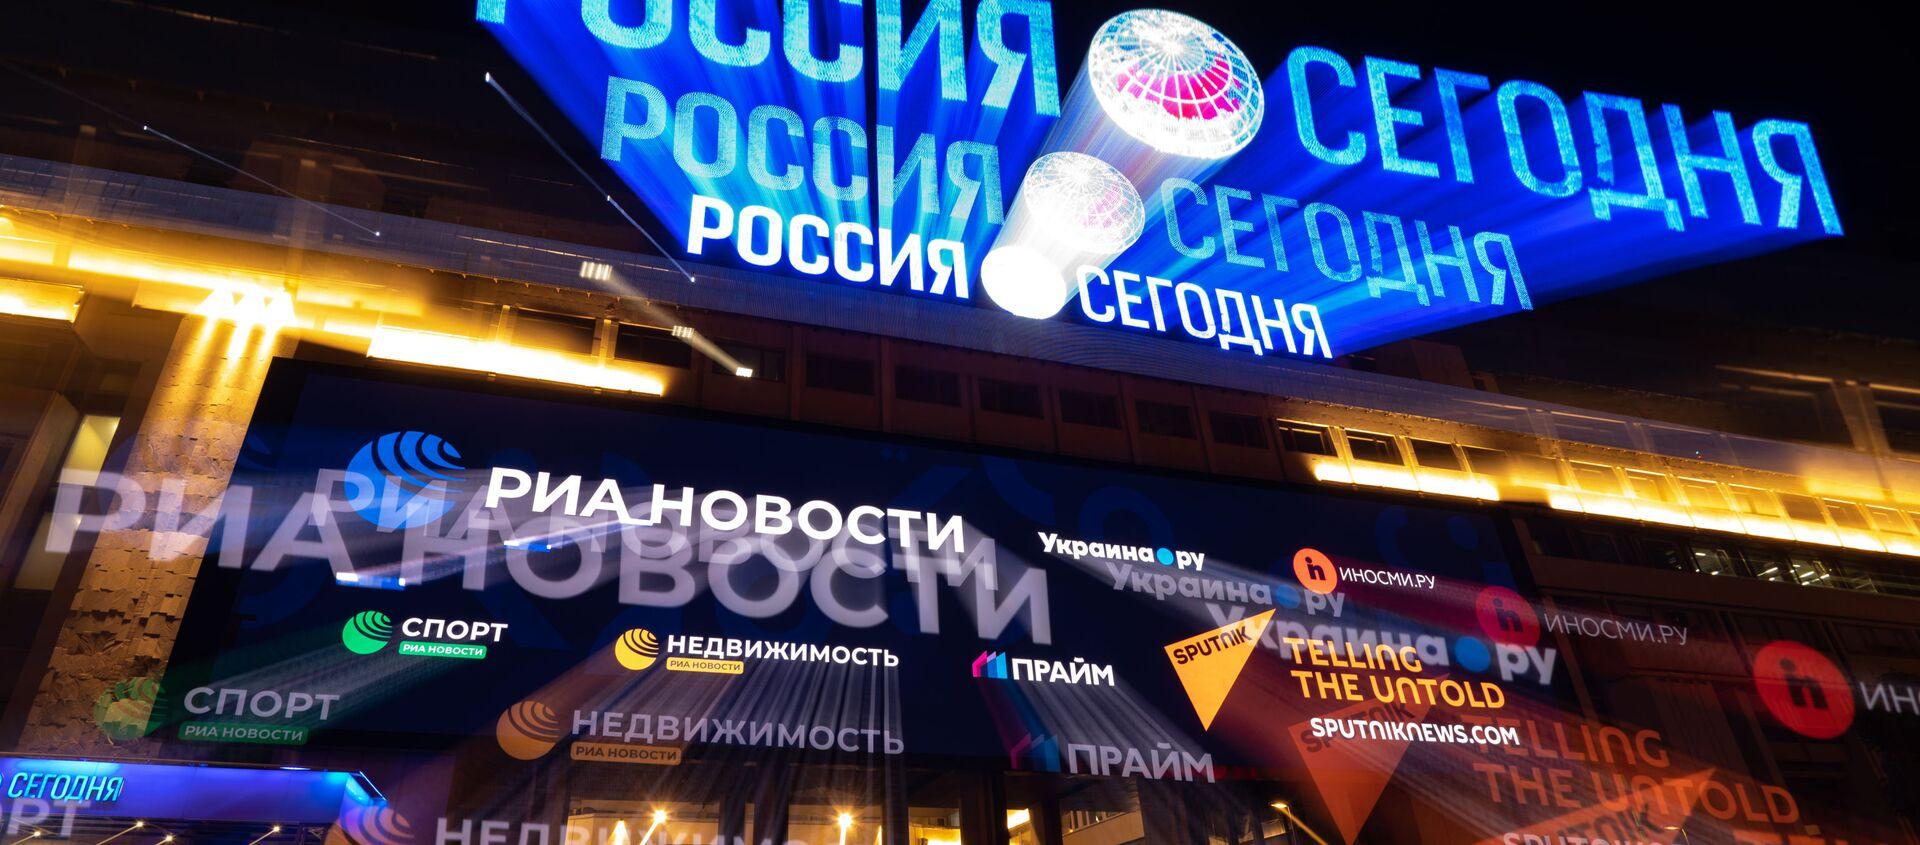 Здание международного информационного агентства Россия сегодня на Зубовском бульваре в Москве. - Sputnik Абхазия, 1920, 24.06.2021